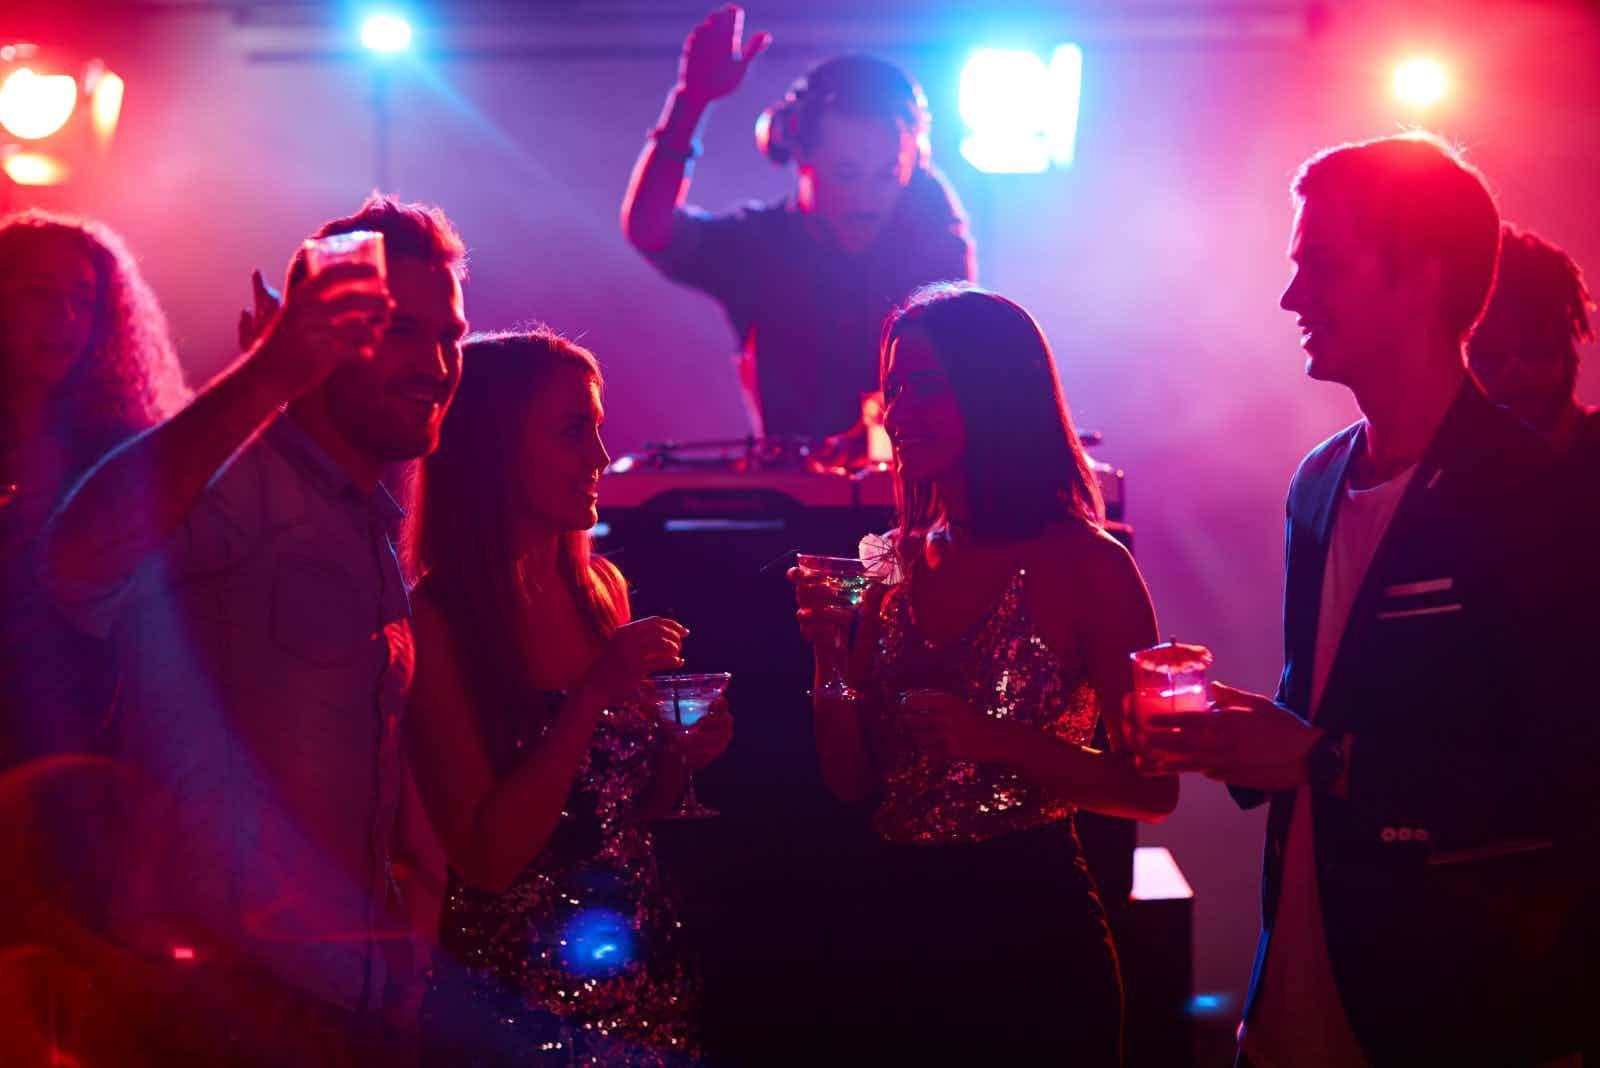 dance-party-dj